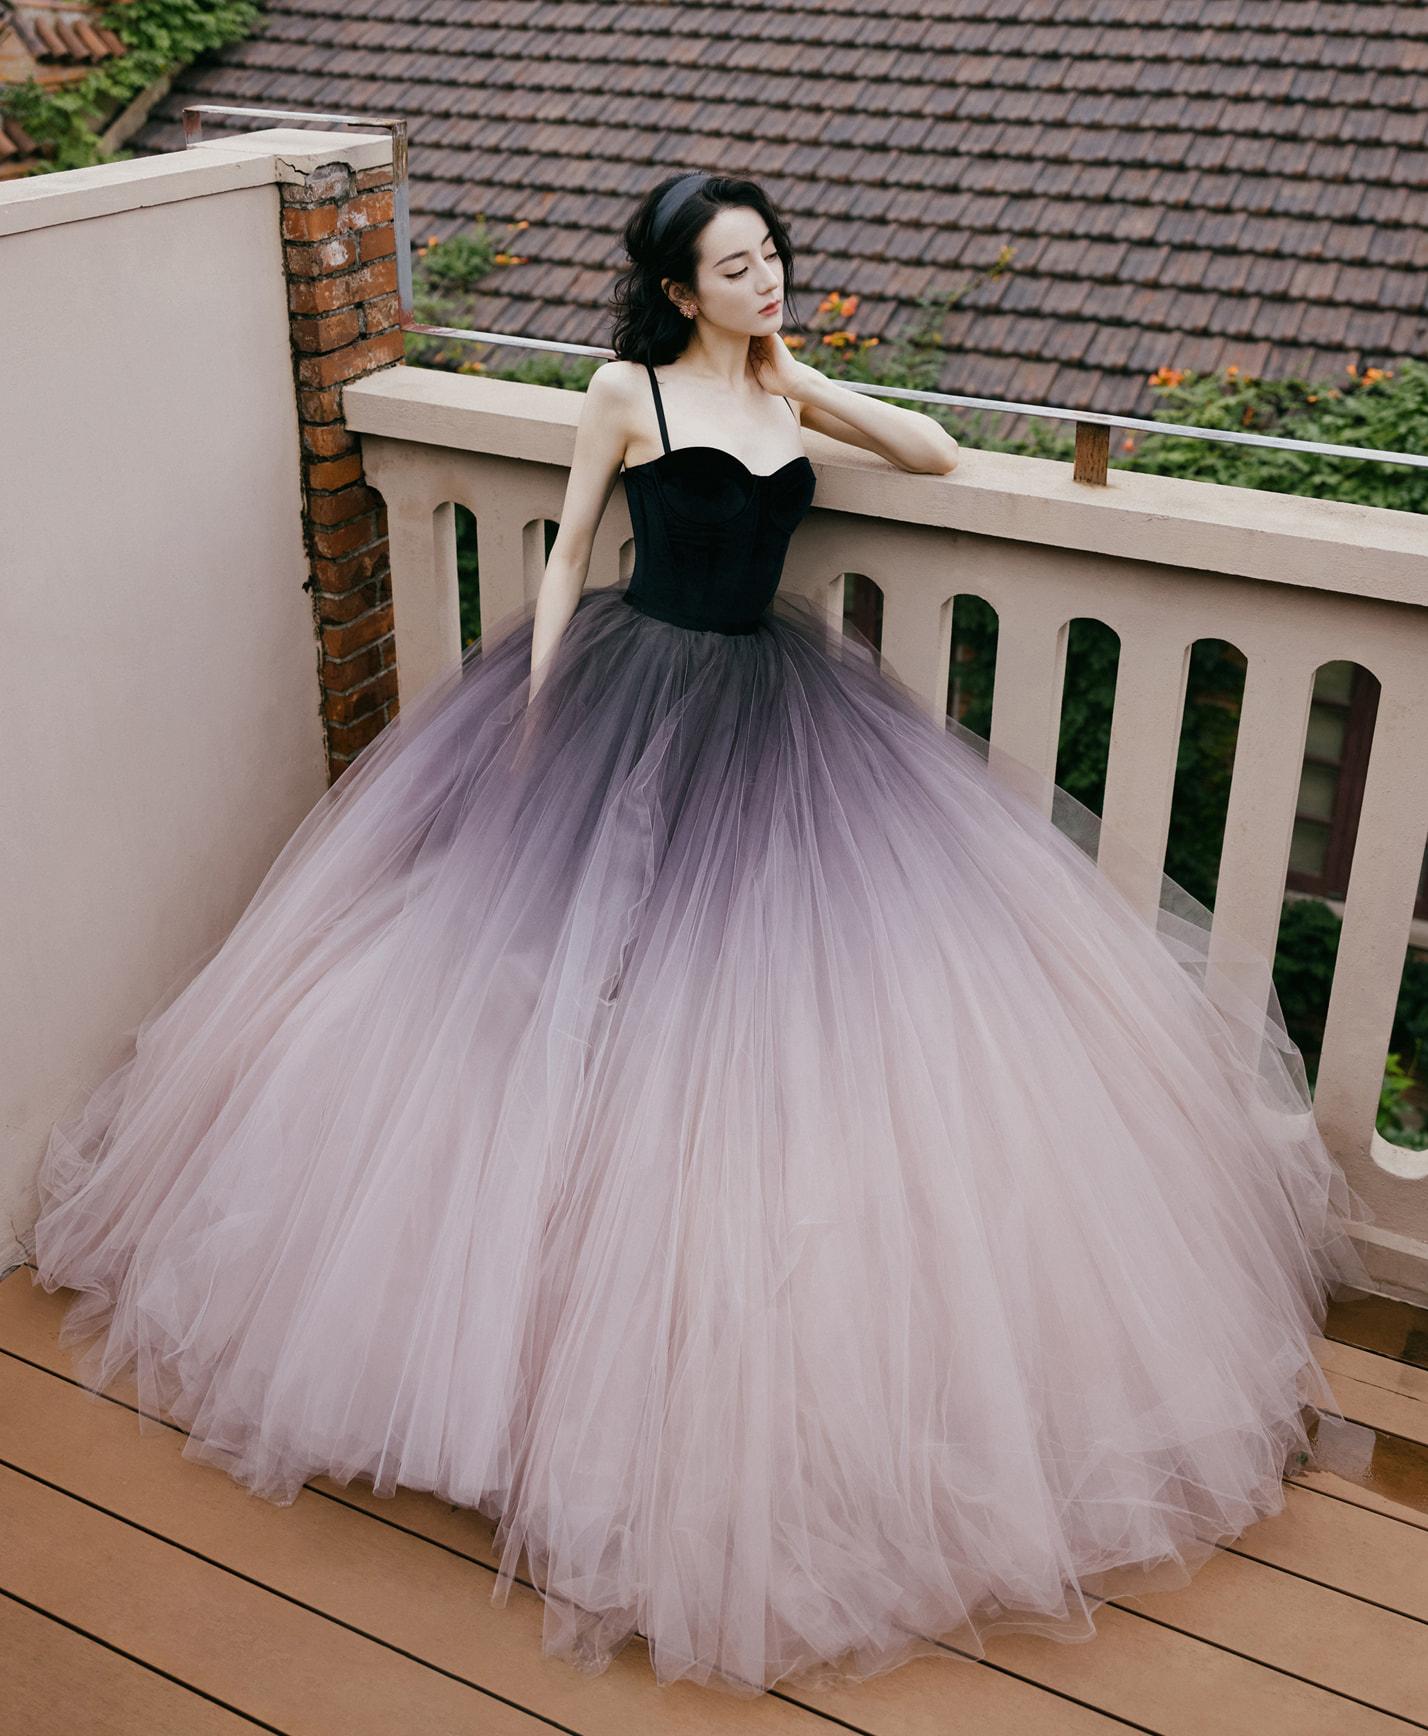 Dung mạo đậm chất cổ điển giúp mỹ nhân Tân Cương được khen yêu kiều, duyên dáng như nàng công chúa cổ tích.